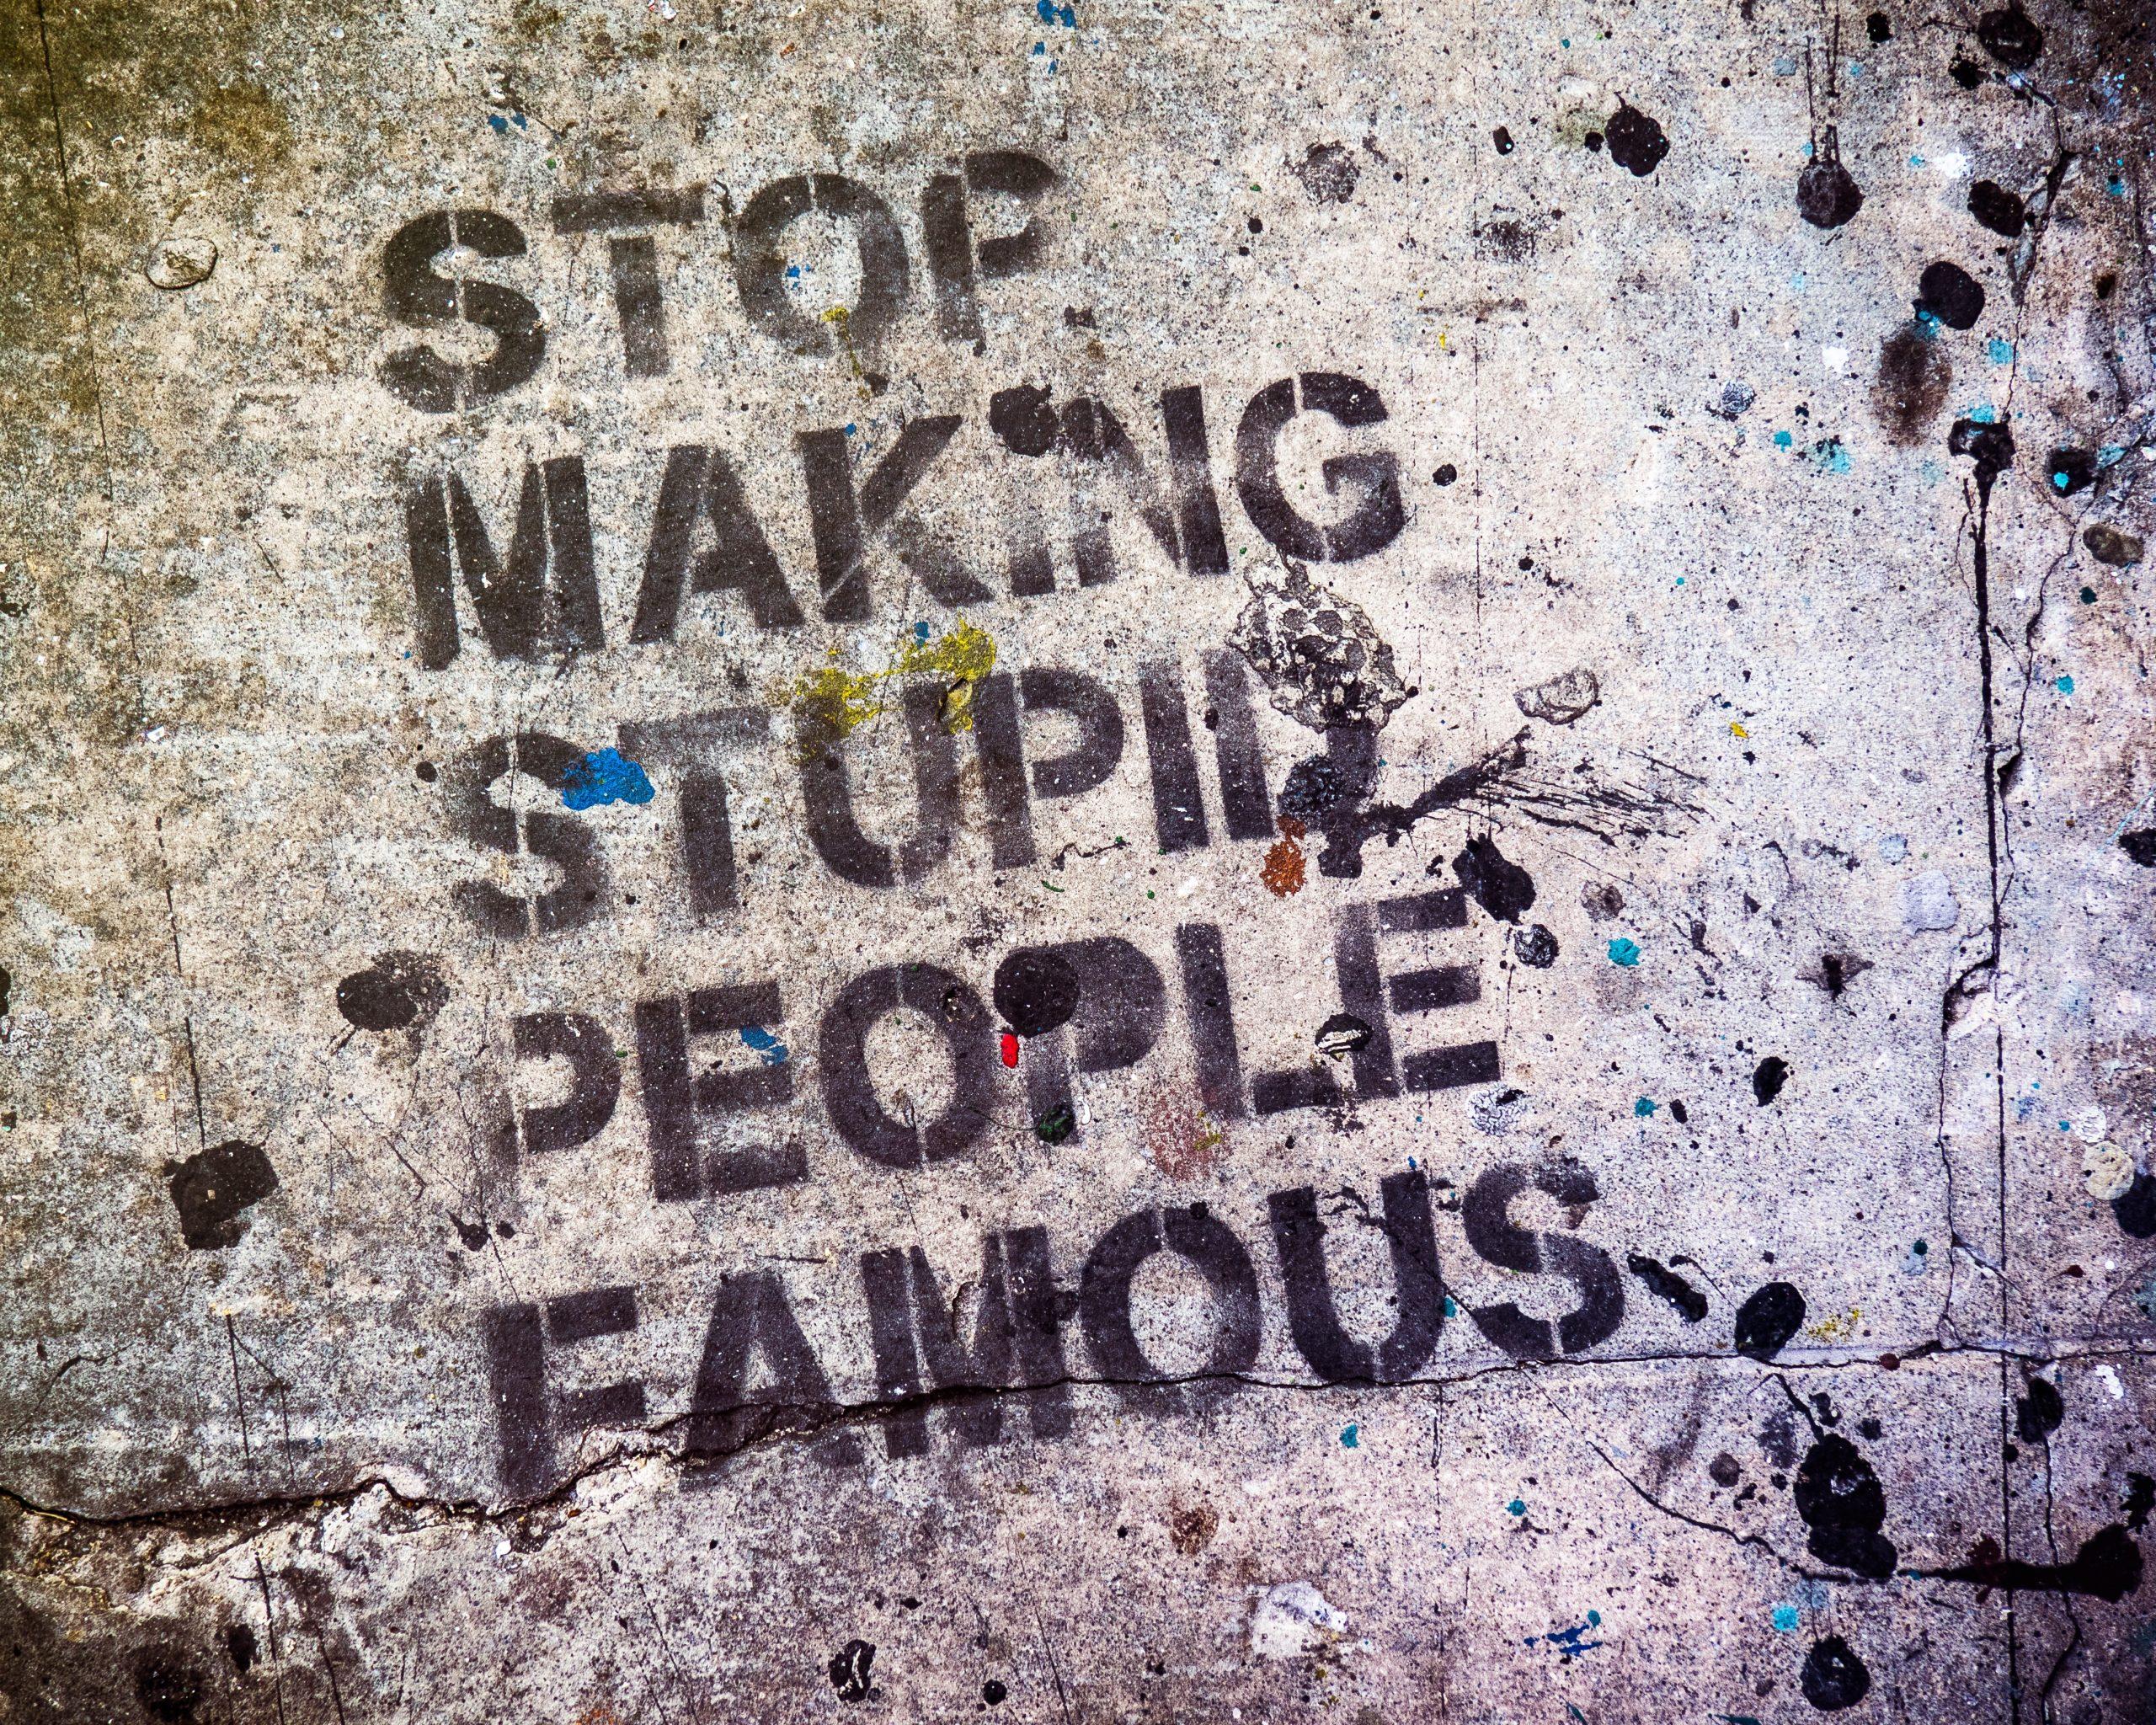 dag vil jeg tippe jer om noget rigtig godt. Det skal nemlig handle om fjernelse af graffiti, når jeg vil tale om et rigtig godt firma i dag.